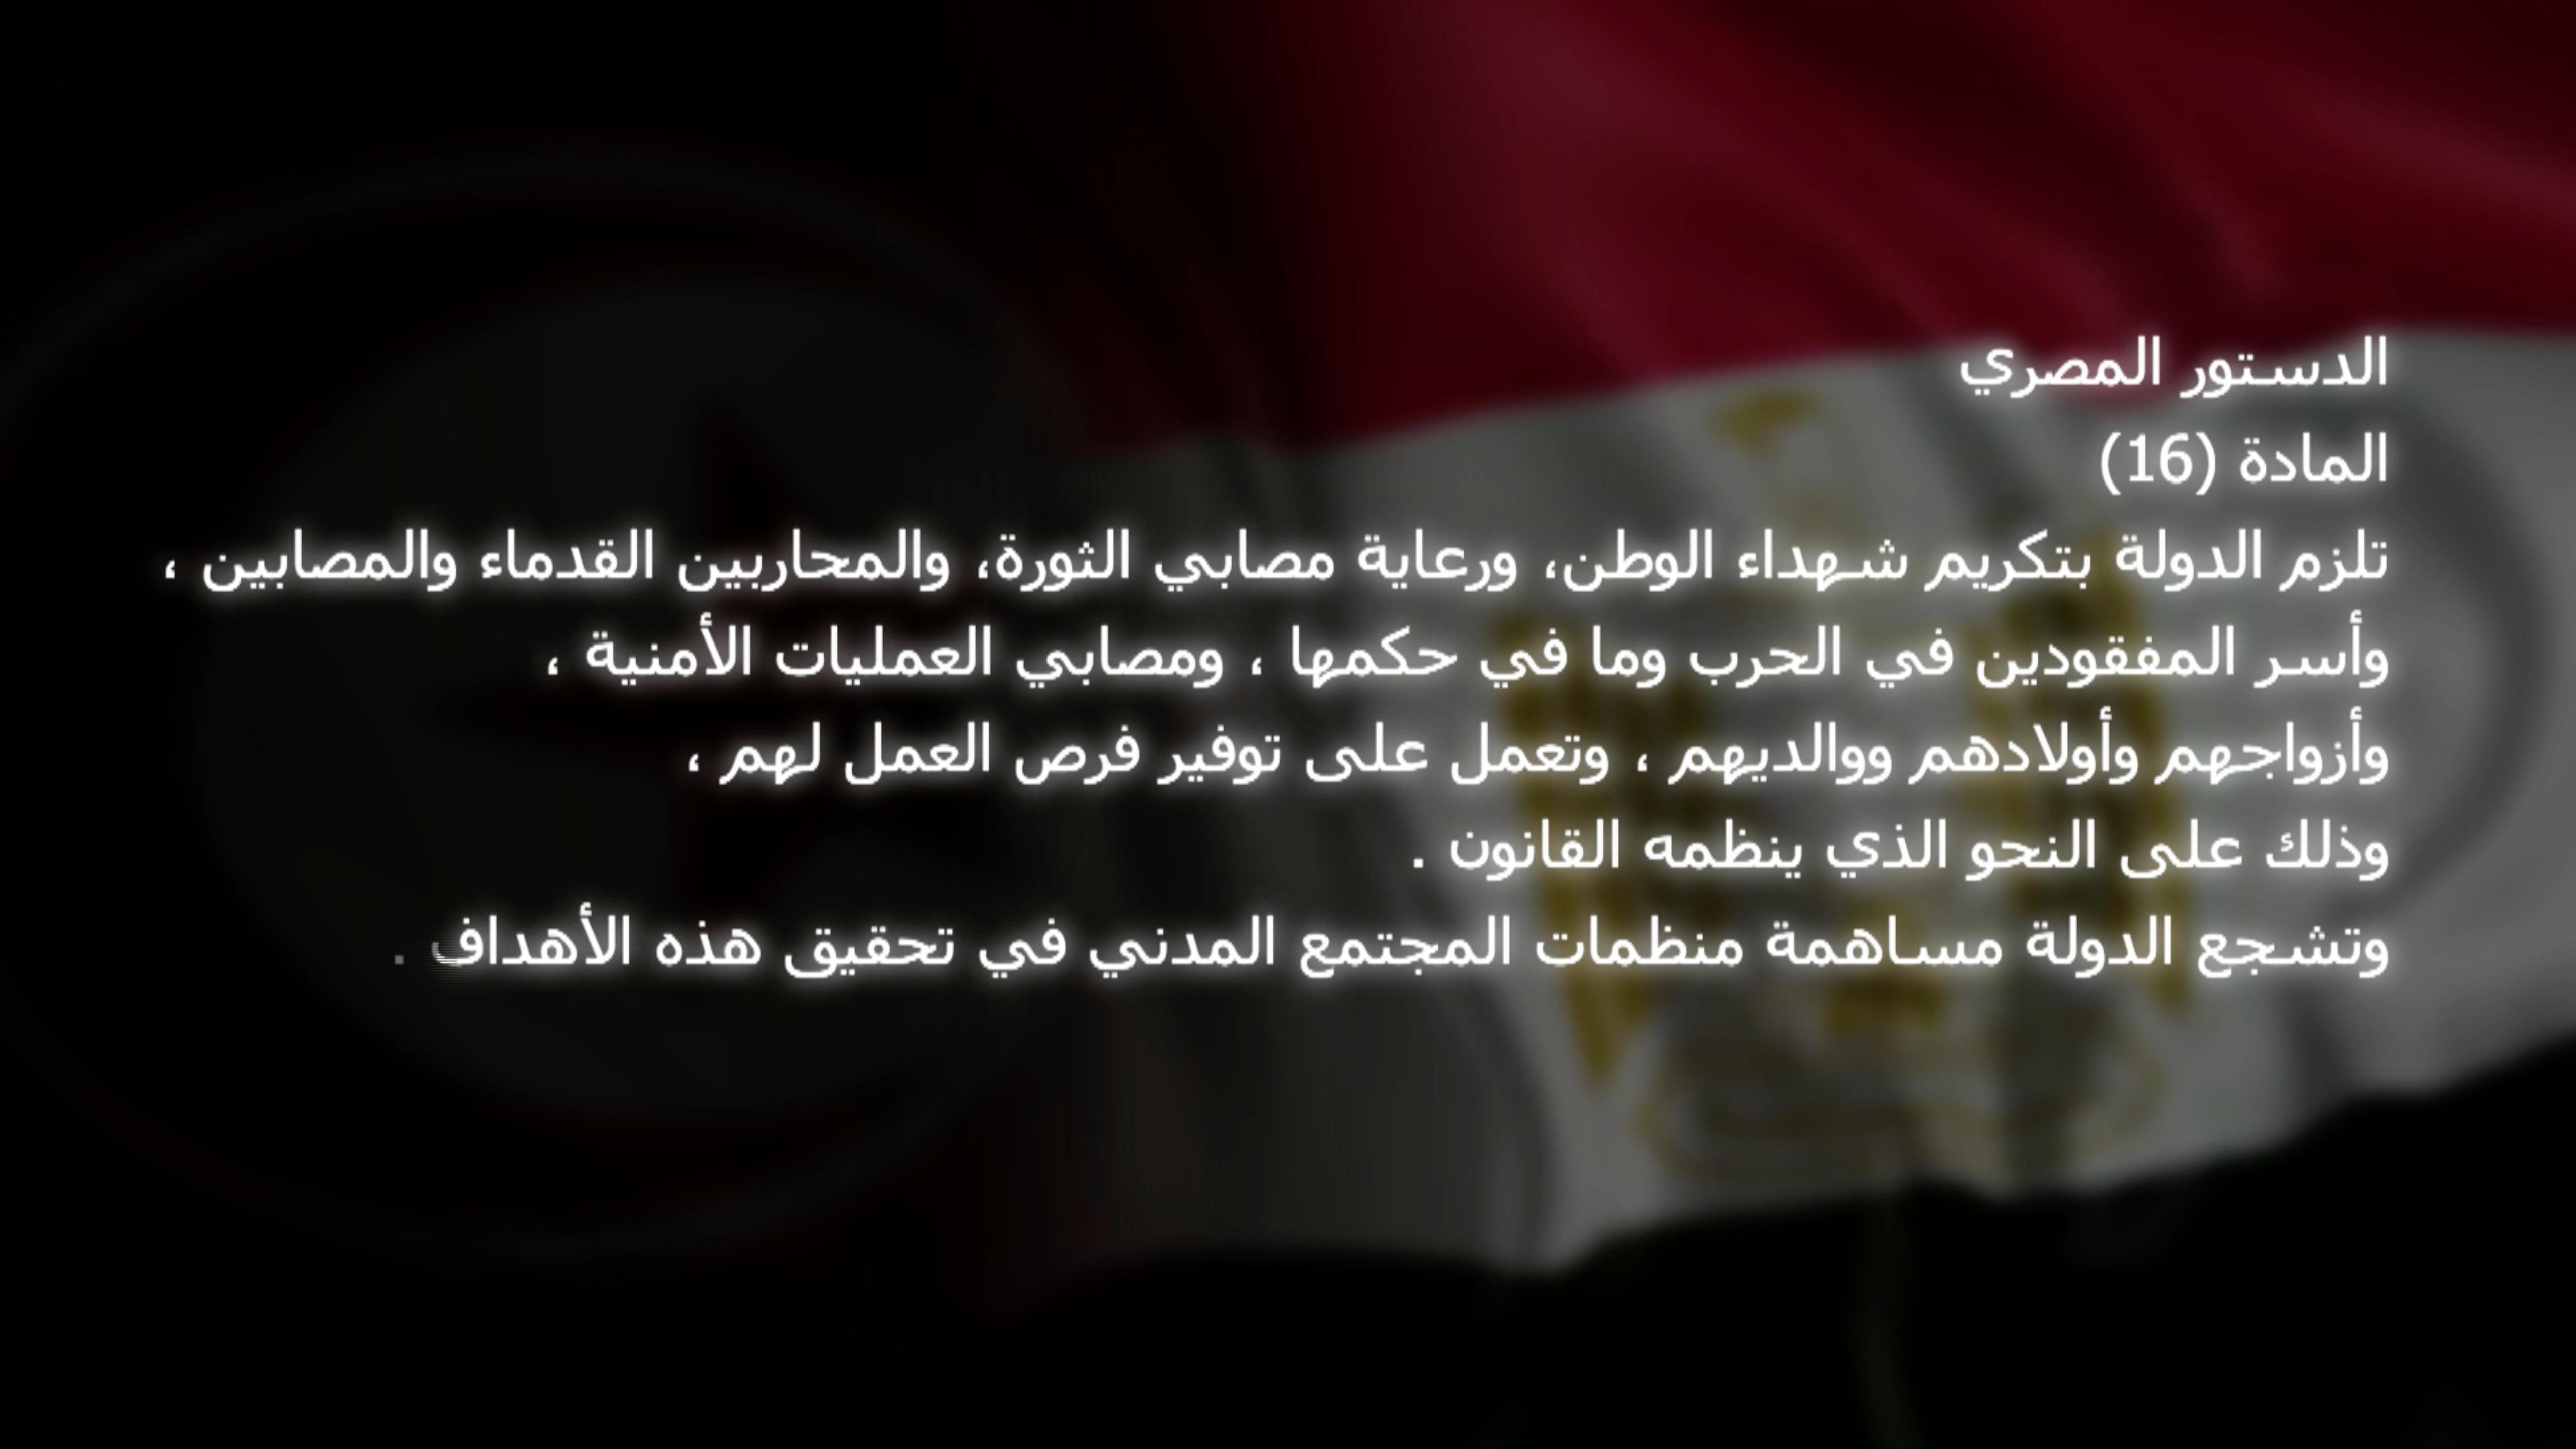 Egypr_constitute